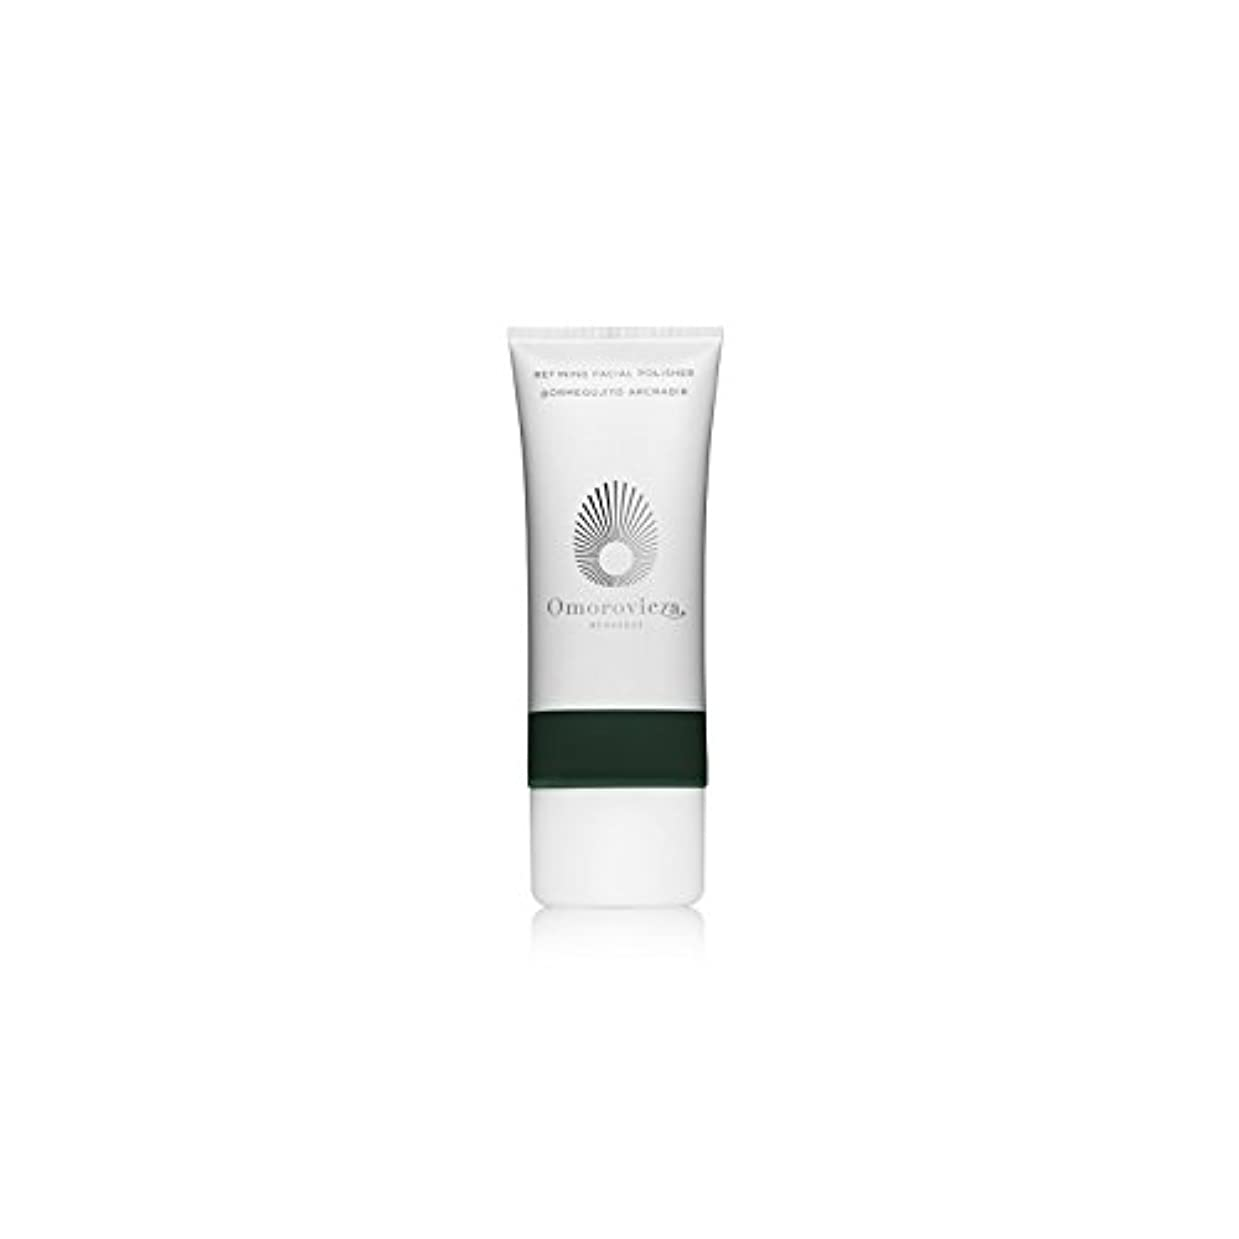 ソーダ水引き潮徐々に精錬顔のポリッシャー(100ミリリットル) x2 - Omorovicza Refining Facial Polisher (100ml) (Pack of 2) [並行輸入品]